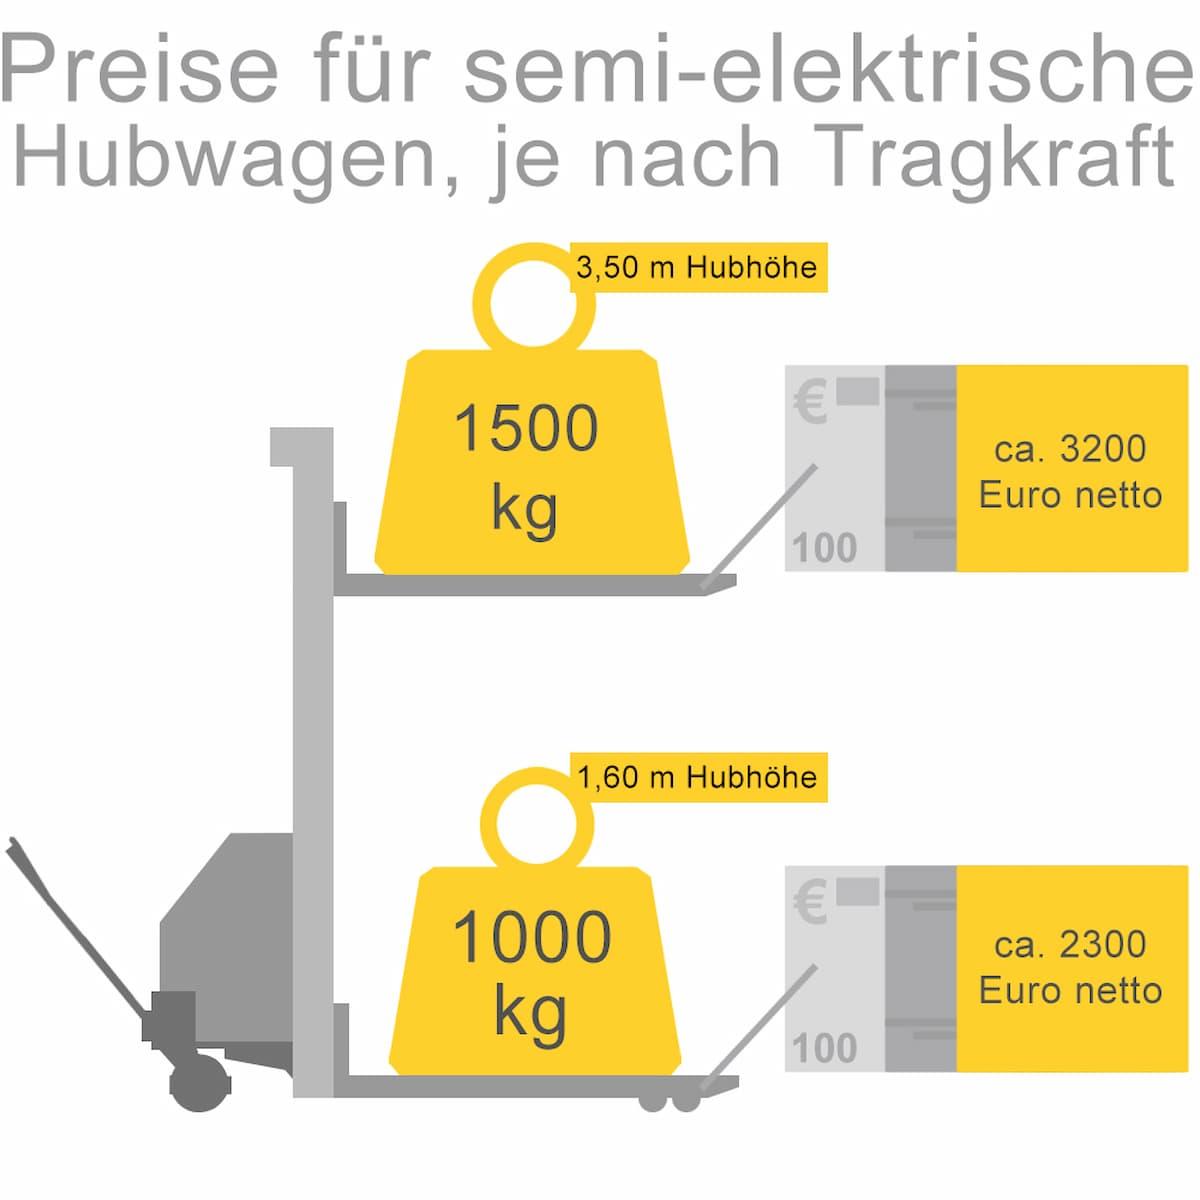 Preisbeispiele für semielektrische Hubwägen